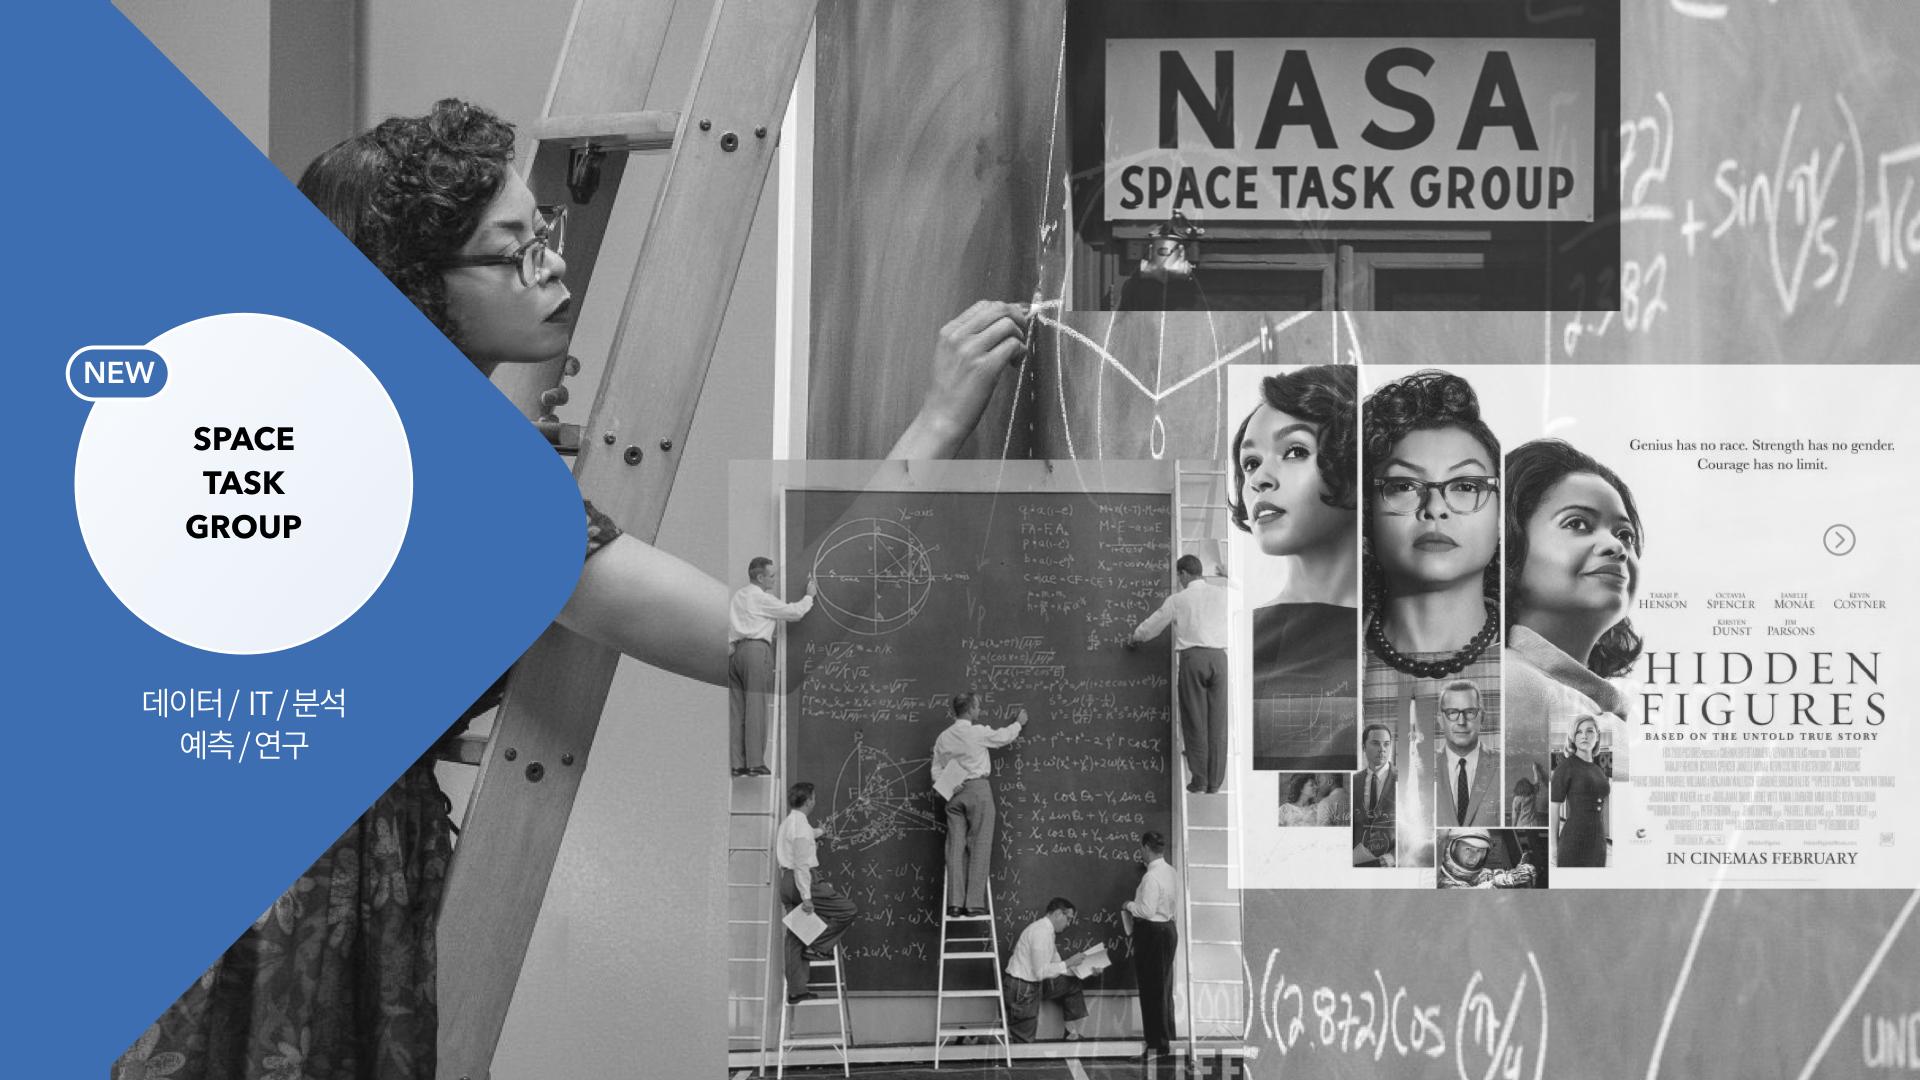 대표가 컨셉충이어서 영화 피든히겨스 중 NASA 조직 이름에서 따온 '팬덤데이터 연구소'의 암호명